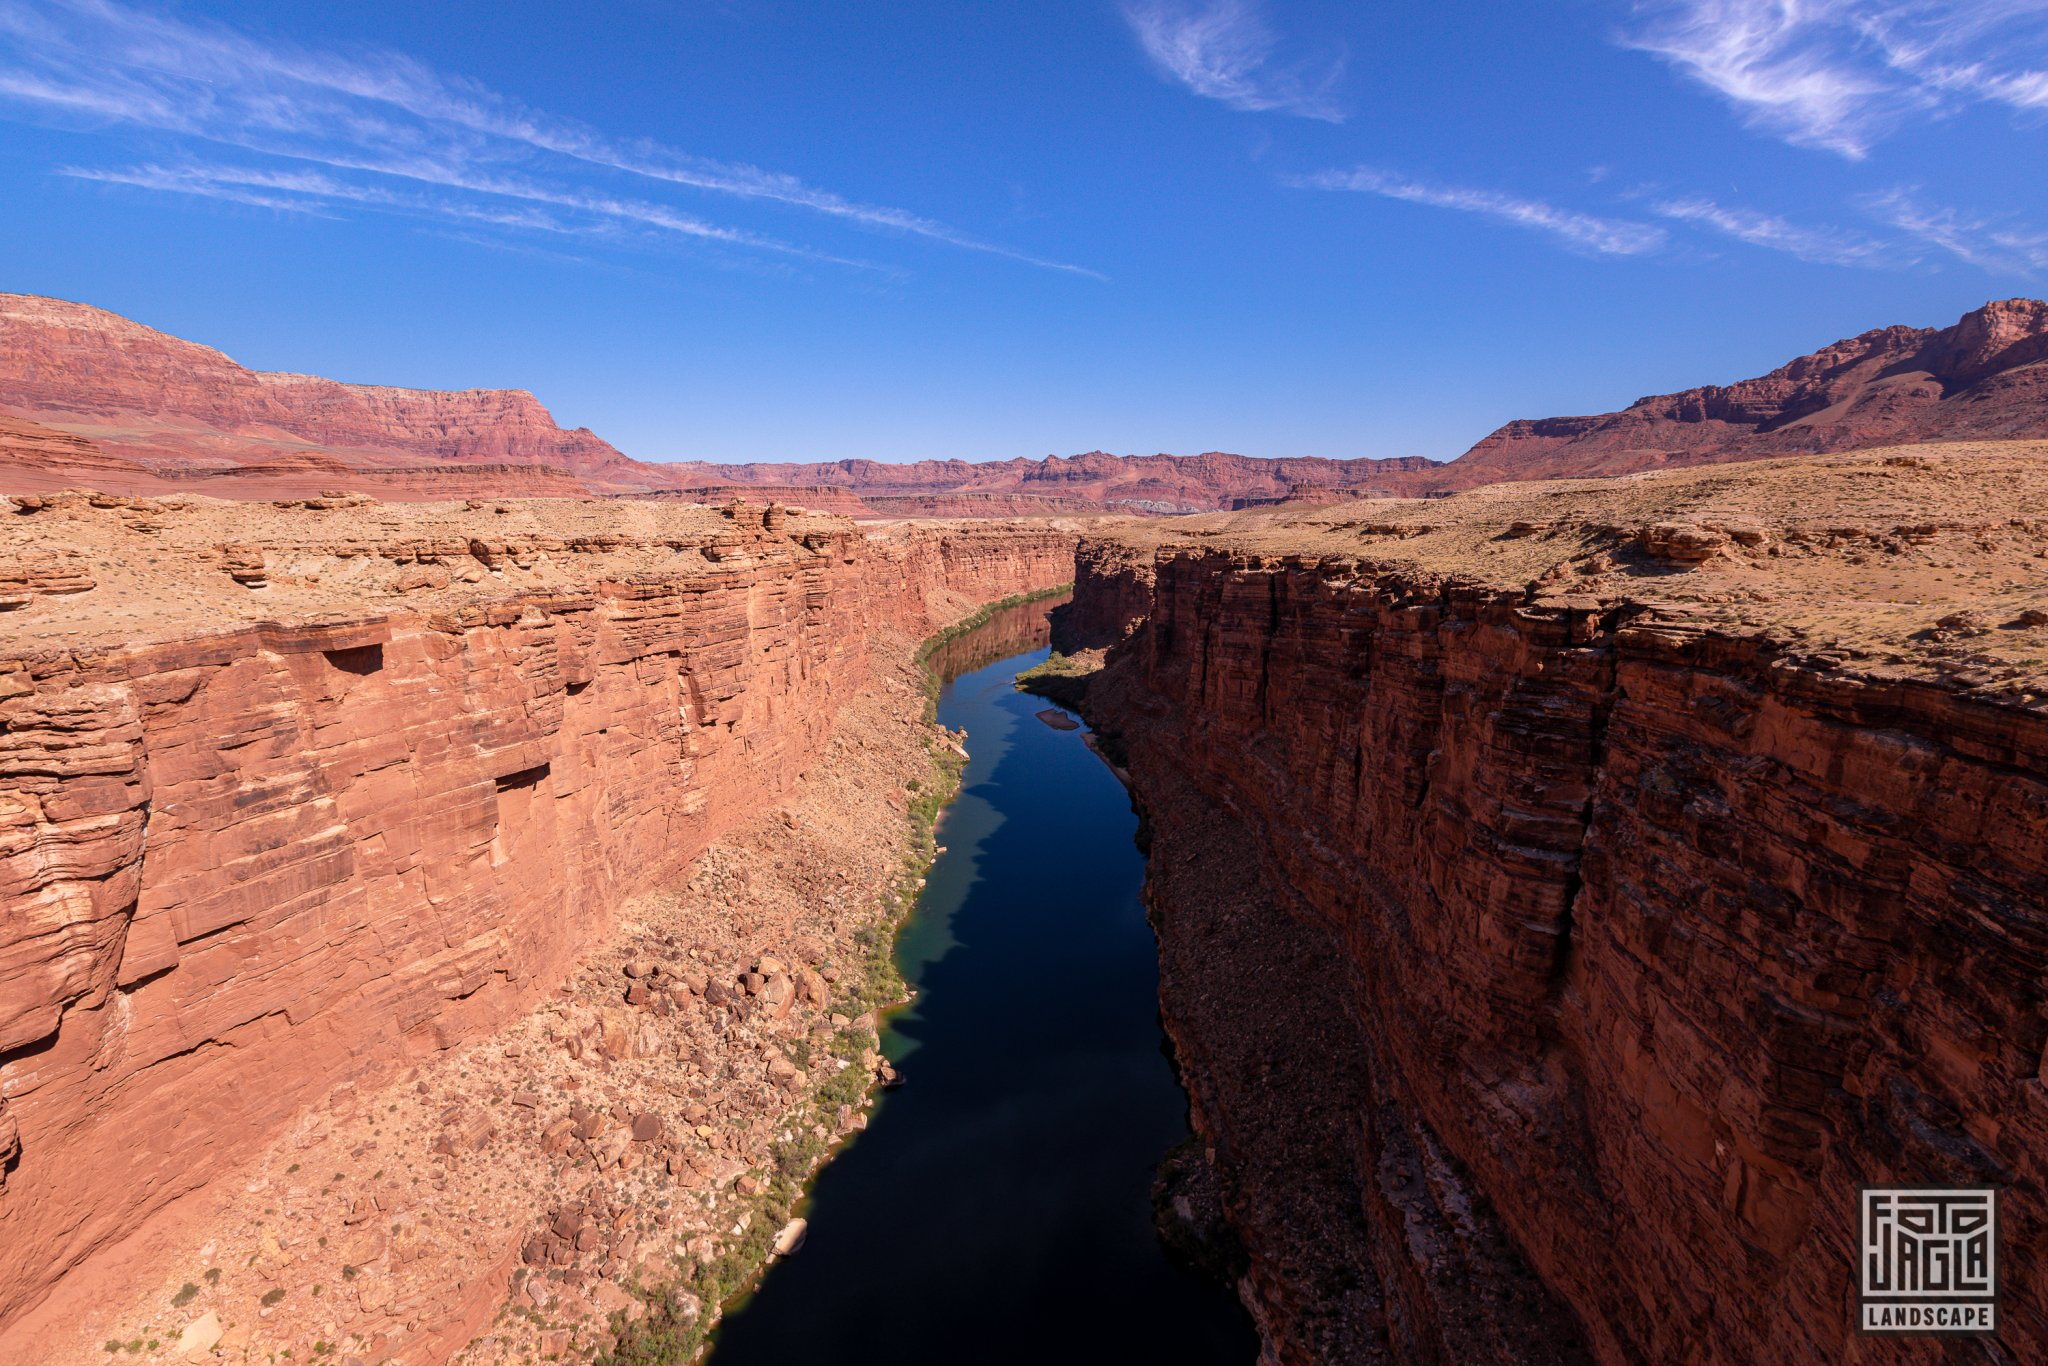 Colorado River at Navajo Bridge - Marble Canyon Arizona, USA 2019